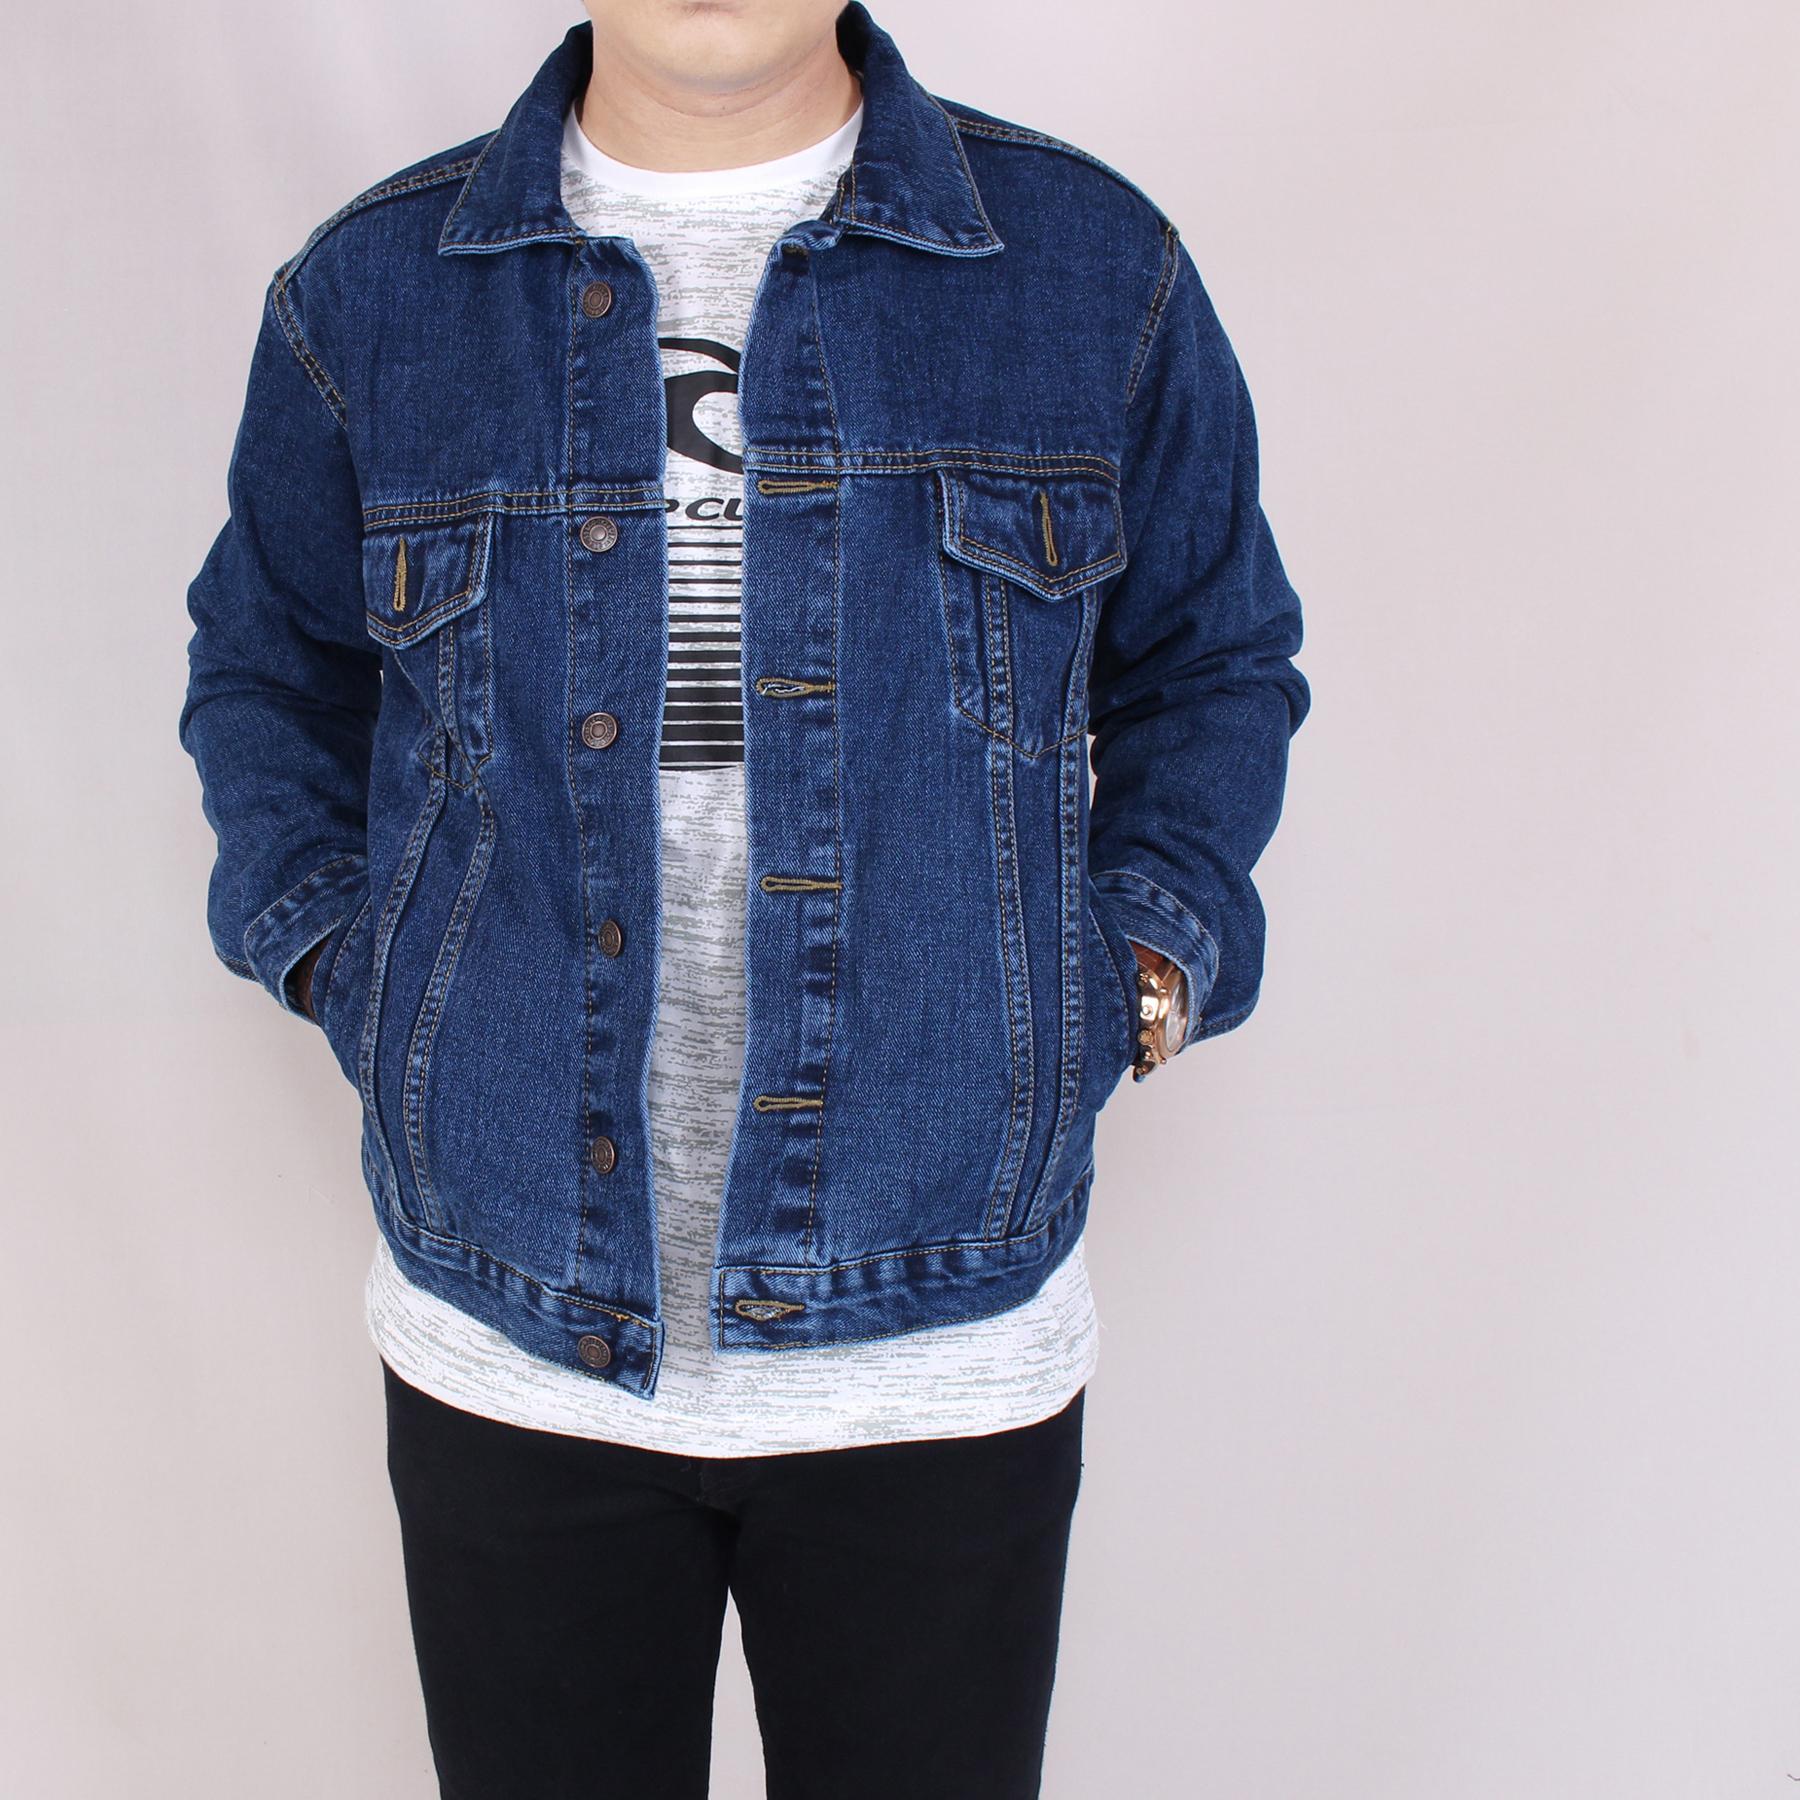 Fitur Awf Jaket Jeans Denim Pria Terbaru Washing Dan Harga Terkini Panjang Zoeystore1 5732 Lengan Casual Higt Quality Blue